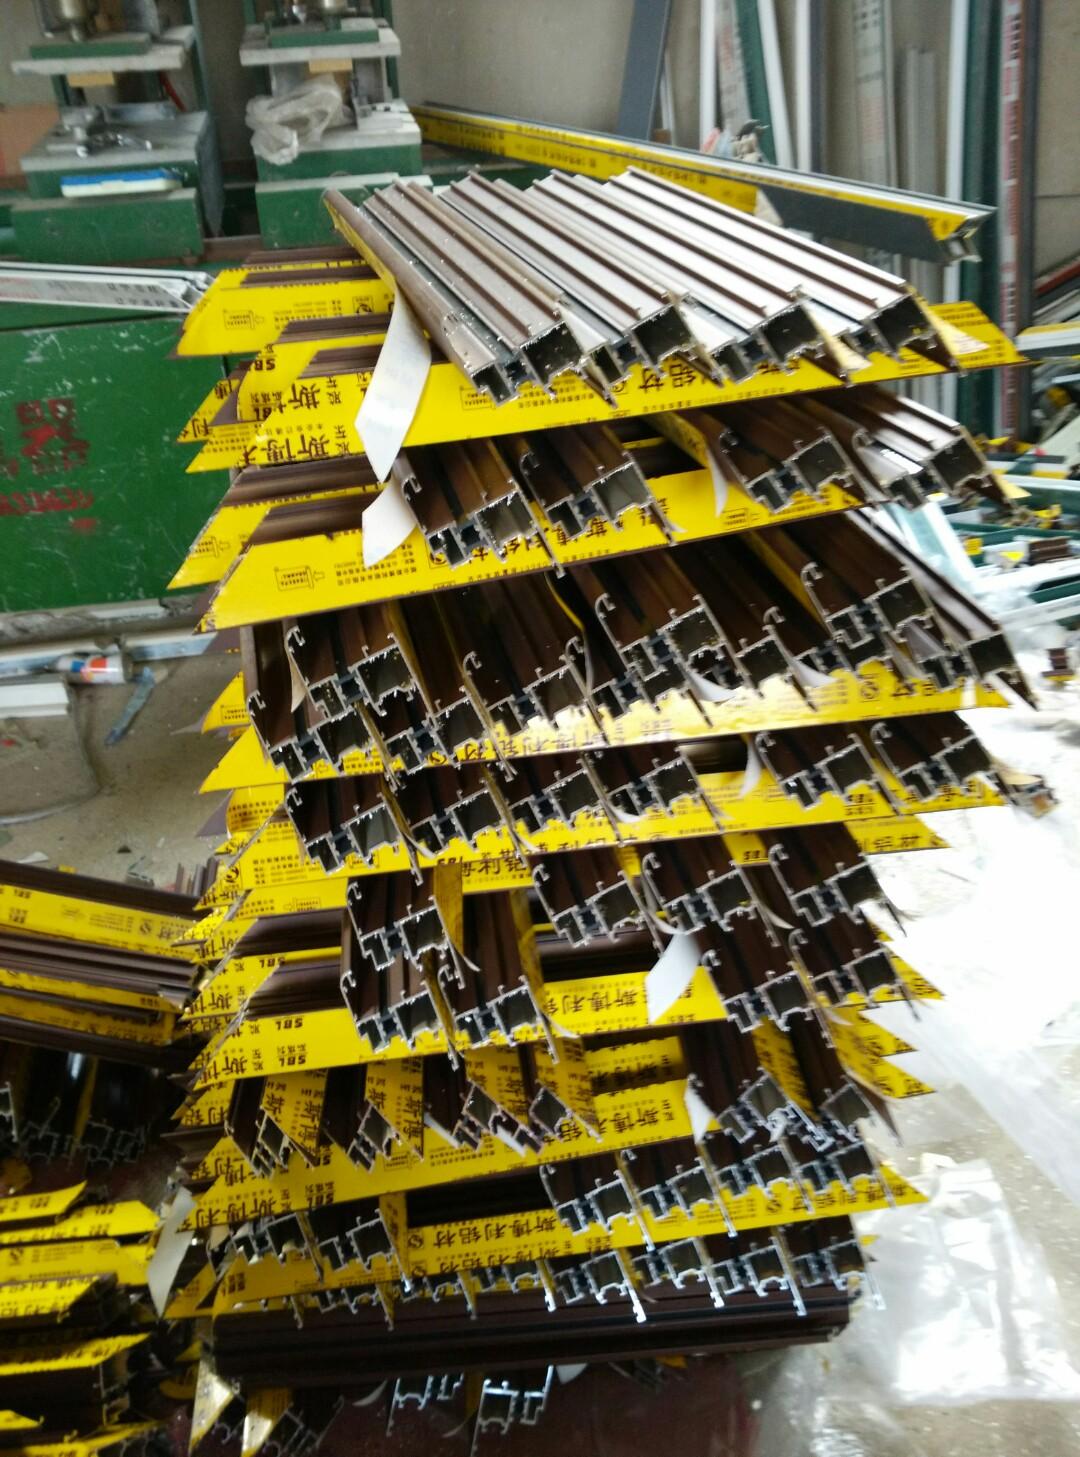 烟台隔热断桥门窗加工、制作、安装公司---烟台市东阿门窗公司